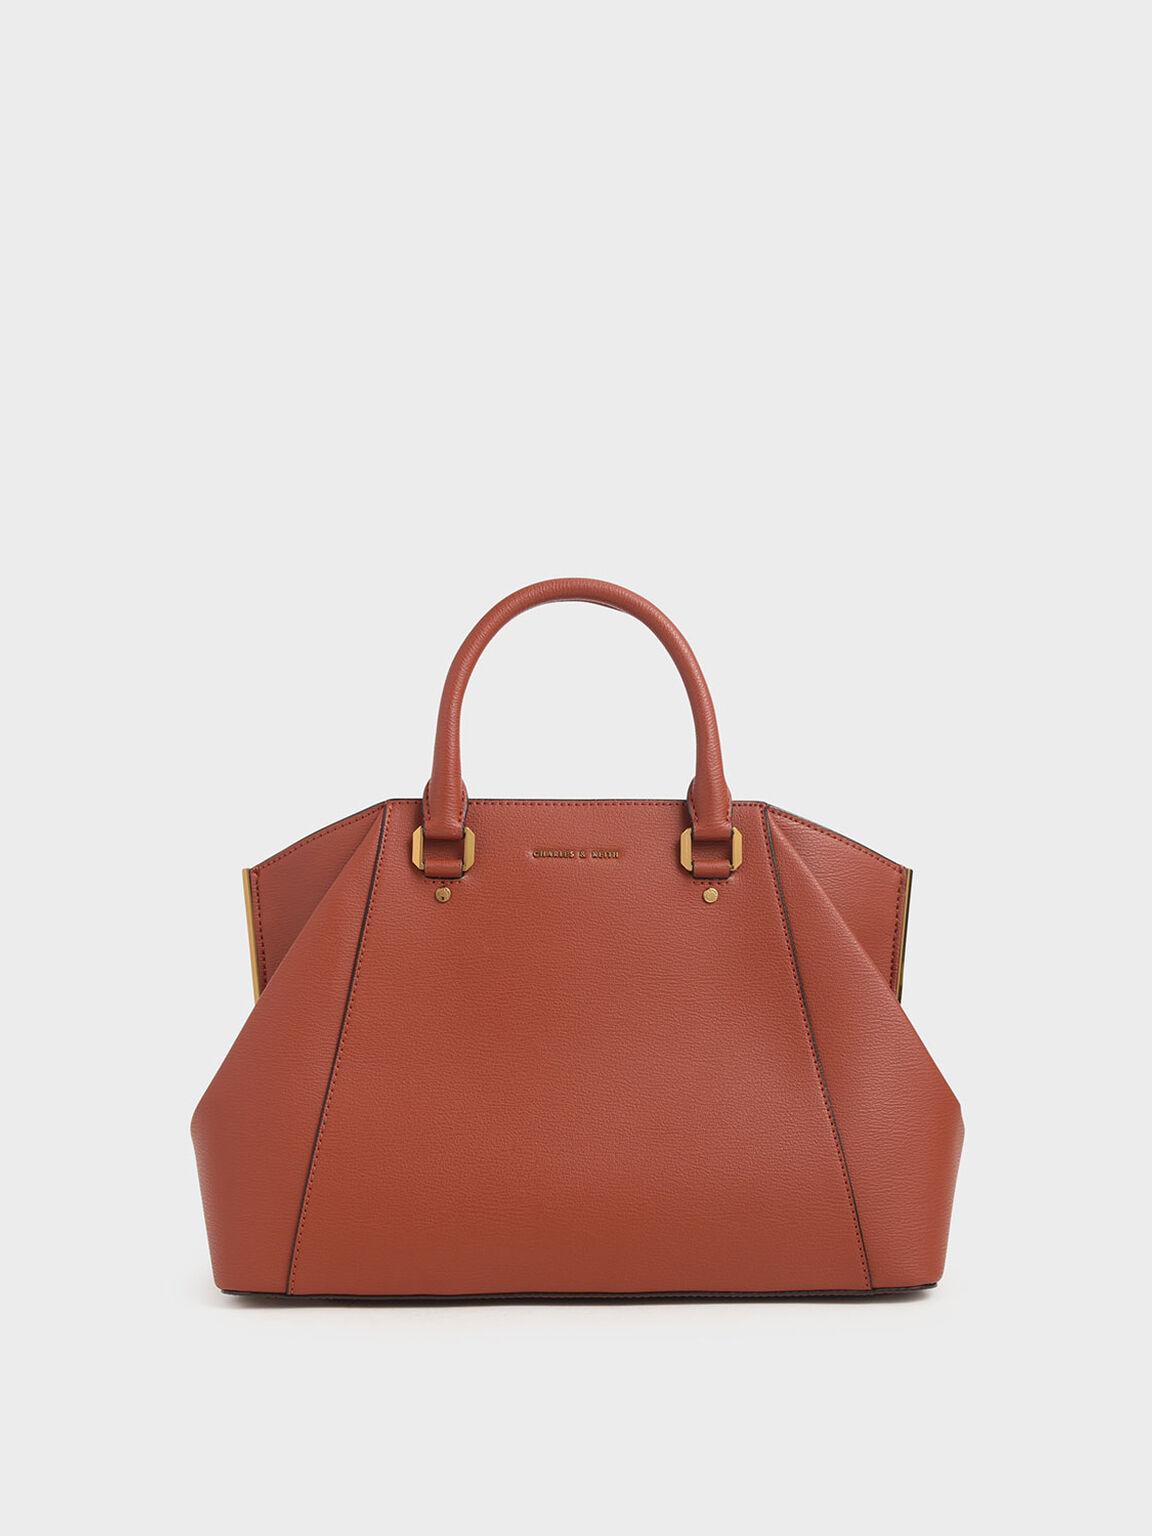 Large Geometric Top Handle Bag, Clay, hi-res